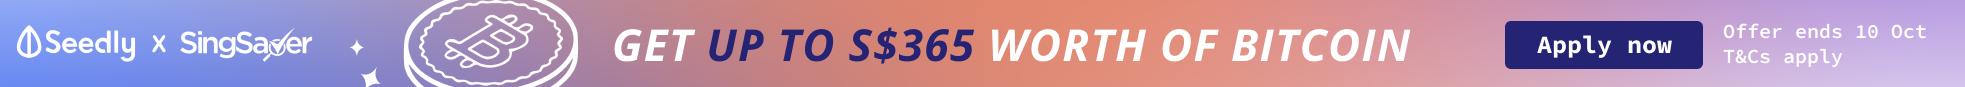 1965x87_-_SS_RP_Banner_(Desktop)_(3).png